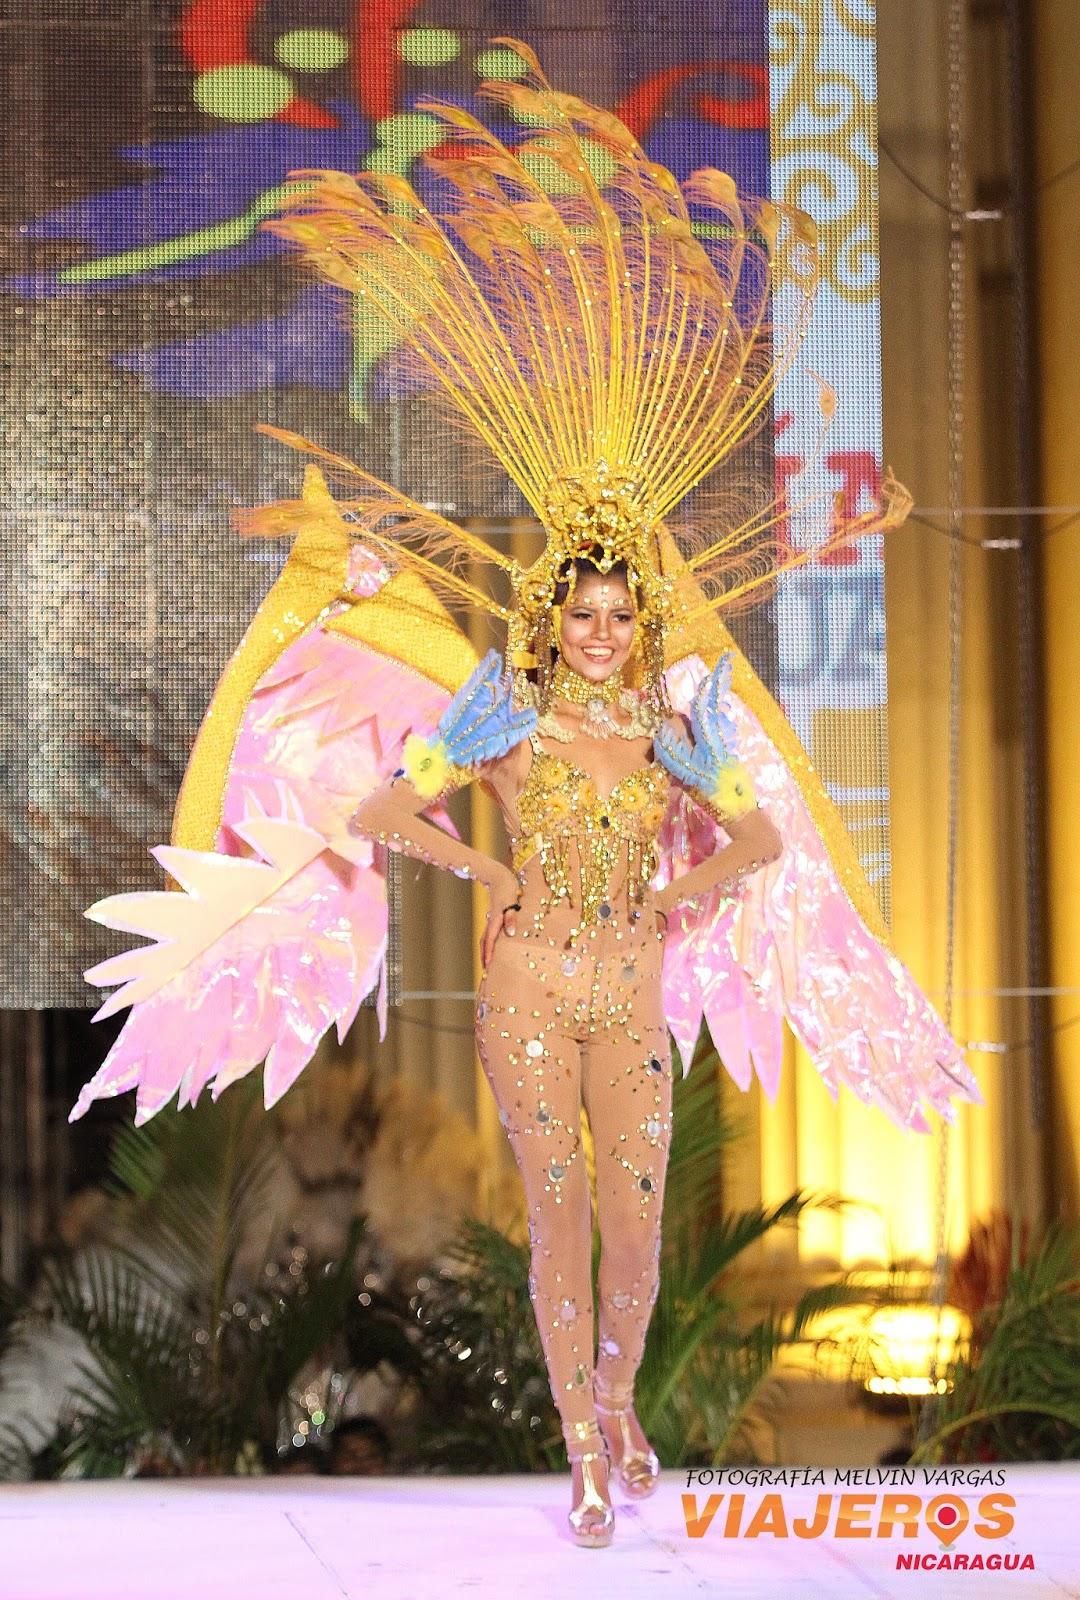 Sus trajes hechos por manos nicaragüenses, tenían distintas temáticas sobre la vida y obra de Rubén Darío, quien tras su inmortalidad llegó este 2016 a su